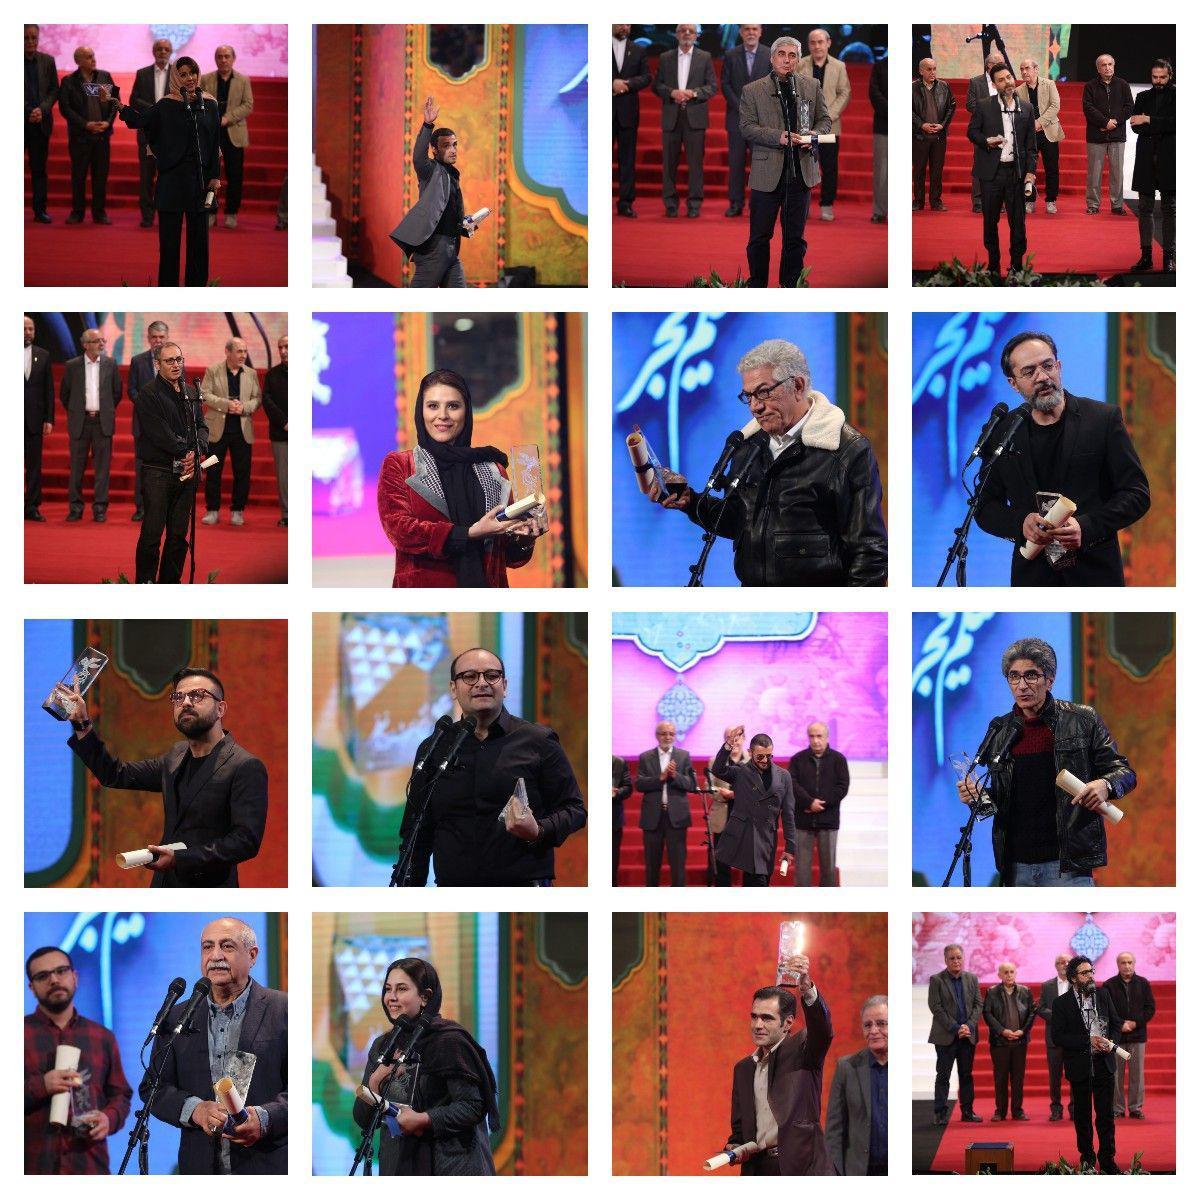 پرونده سی و ششمین جشنواره فیلم فجر بسته شد/ حاتمی کیا: من «فیلمساز وابسته» و فیلمساز این نظام هستم